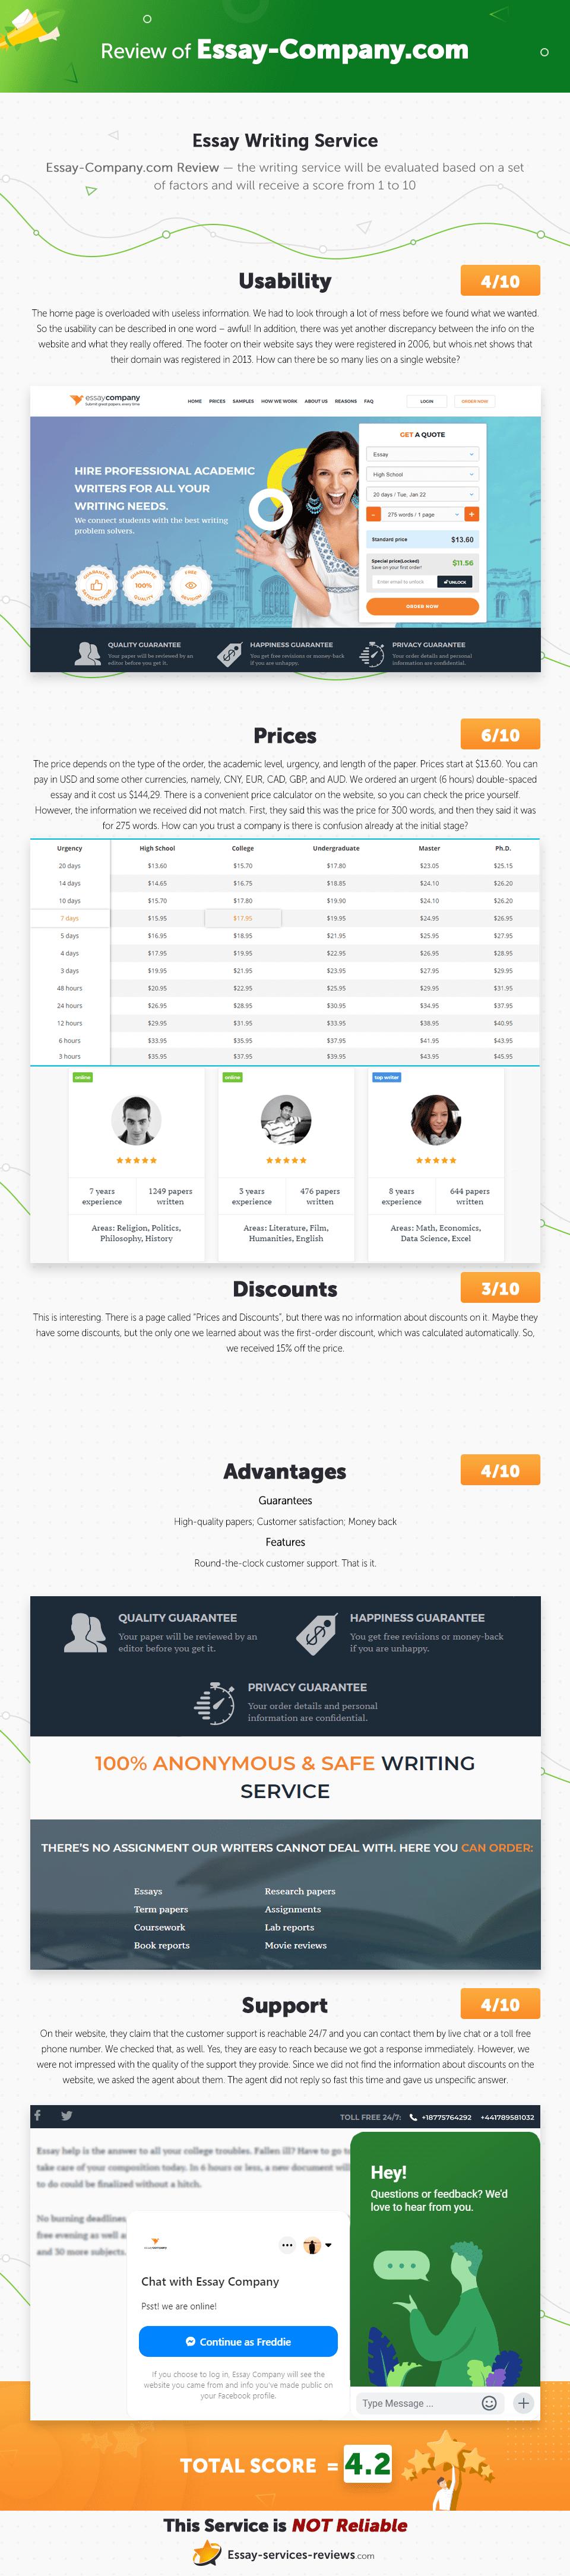 essay-company.com Infographic Review